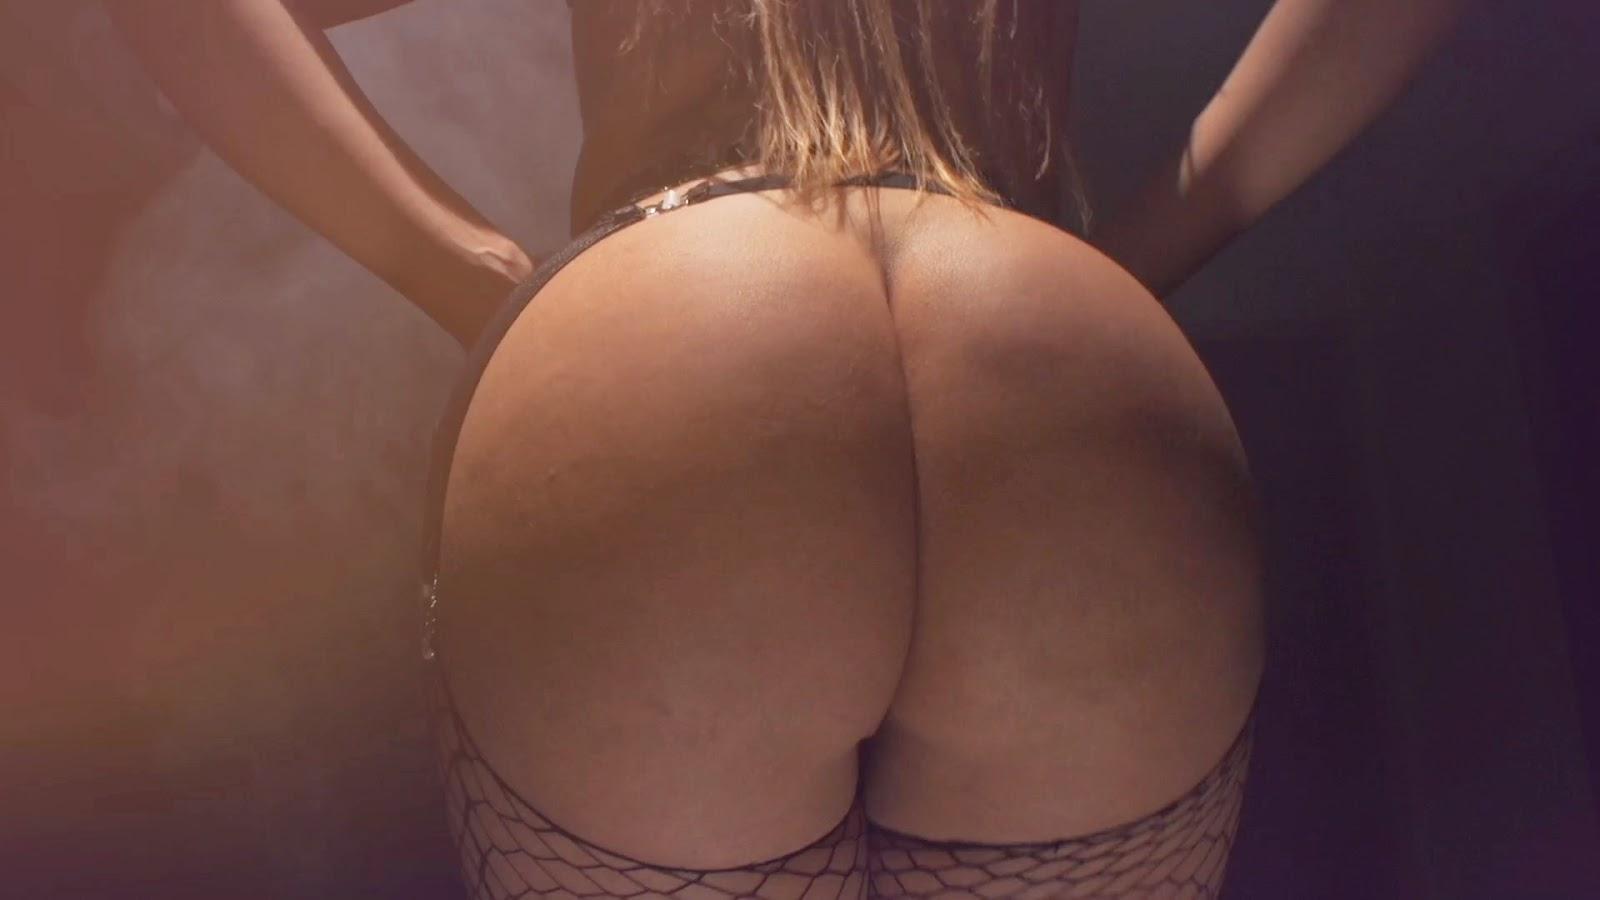 Kotor 1 porn bastila shan nude pictures